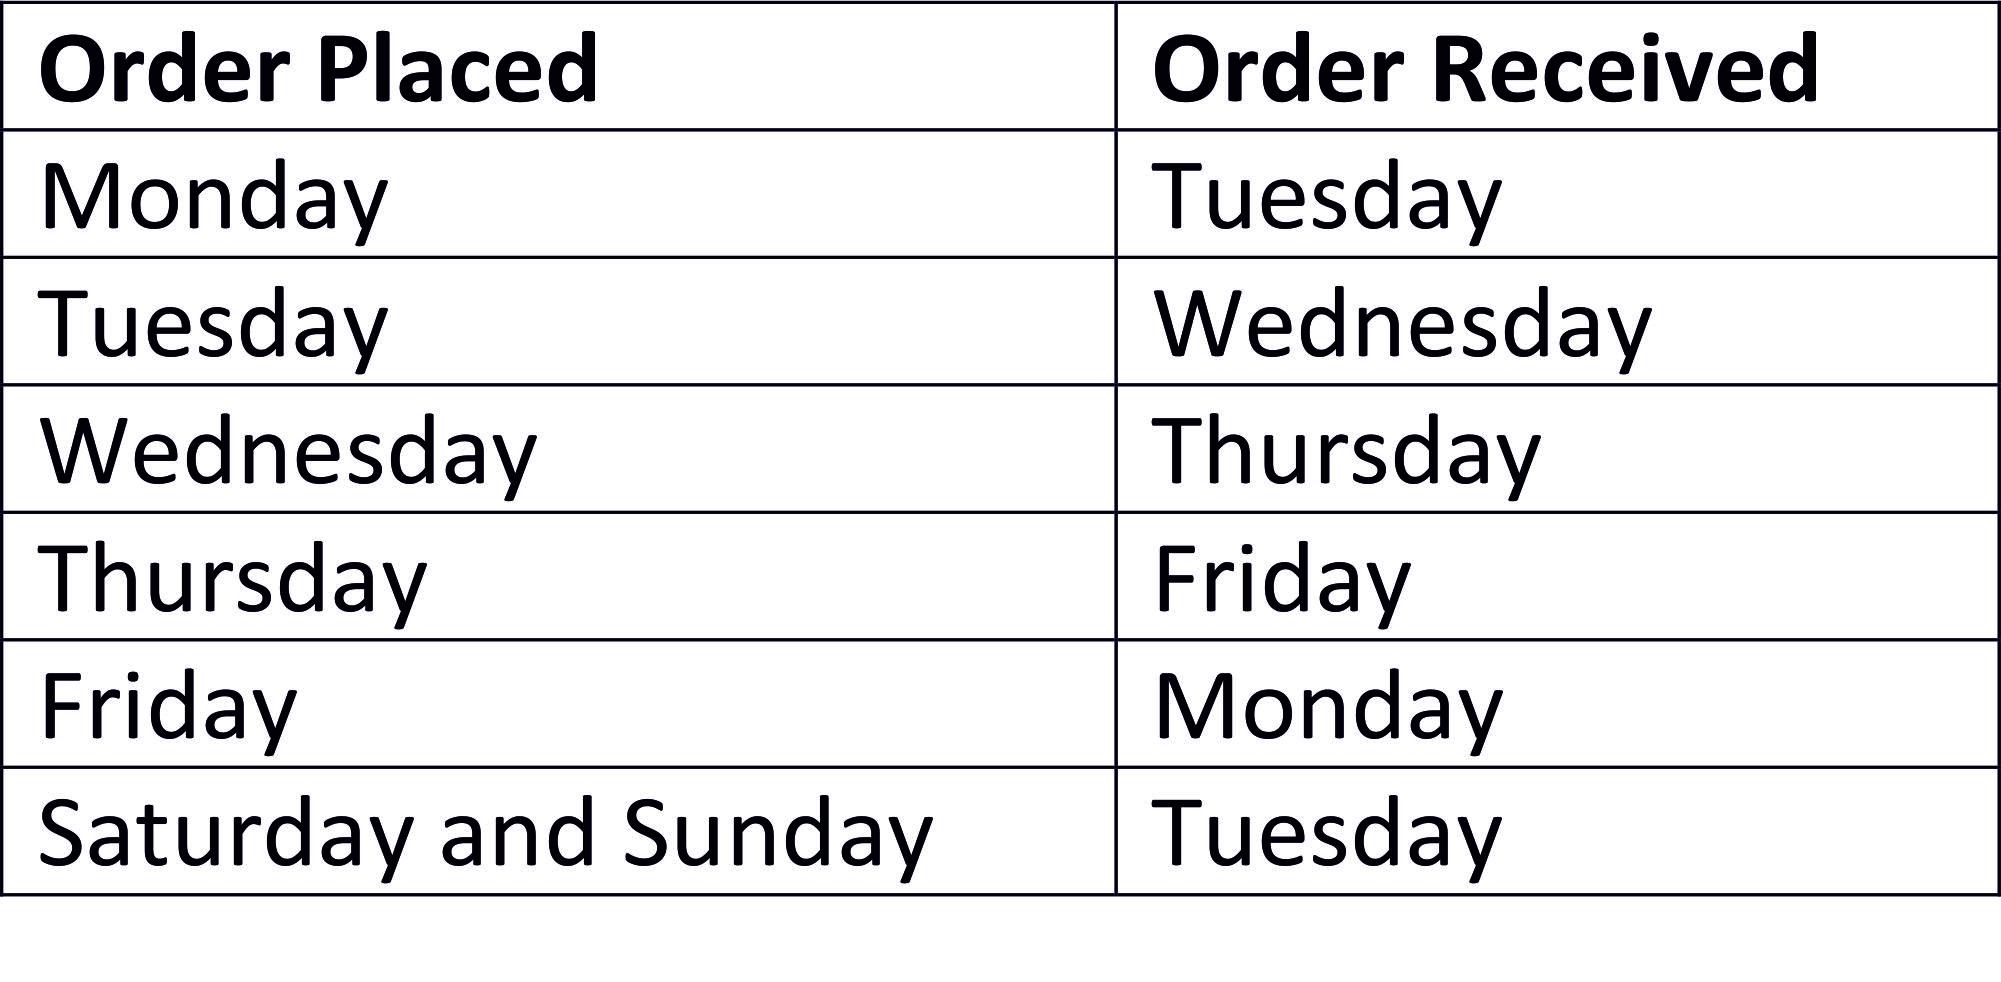 orders-placed.jpg